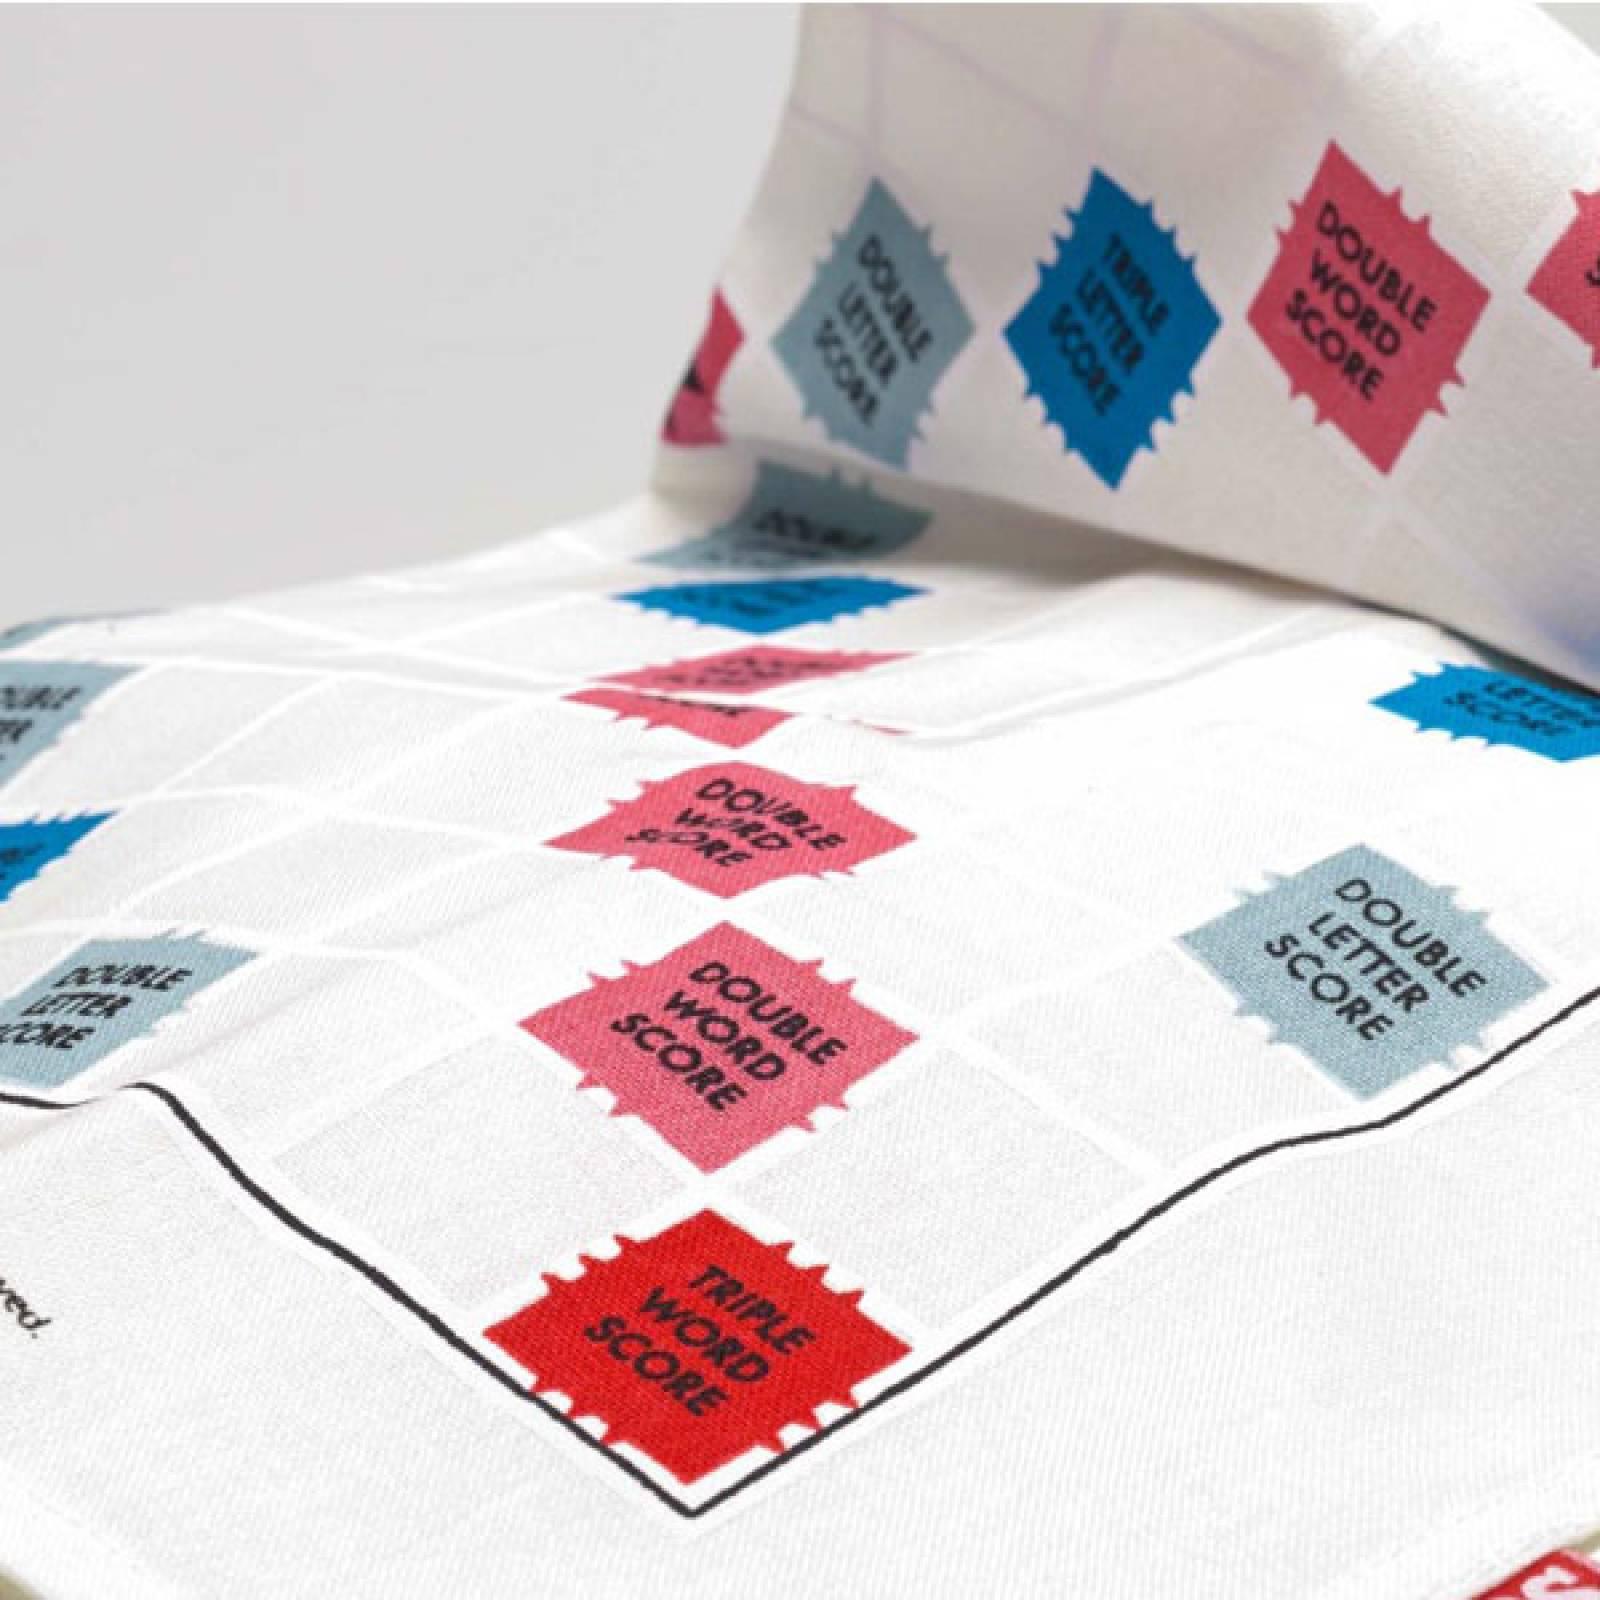 Scrabble Tea Towel thumbnails